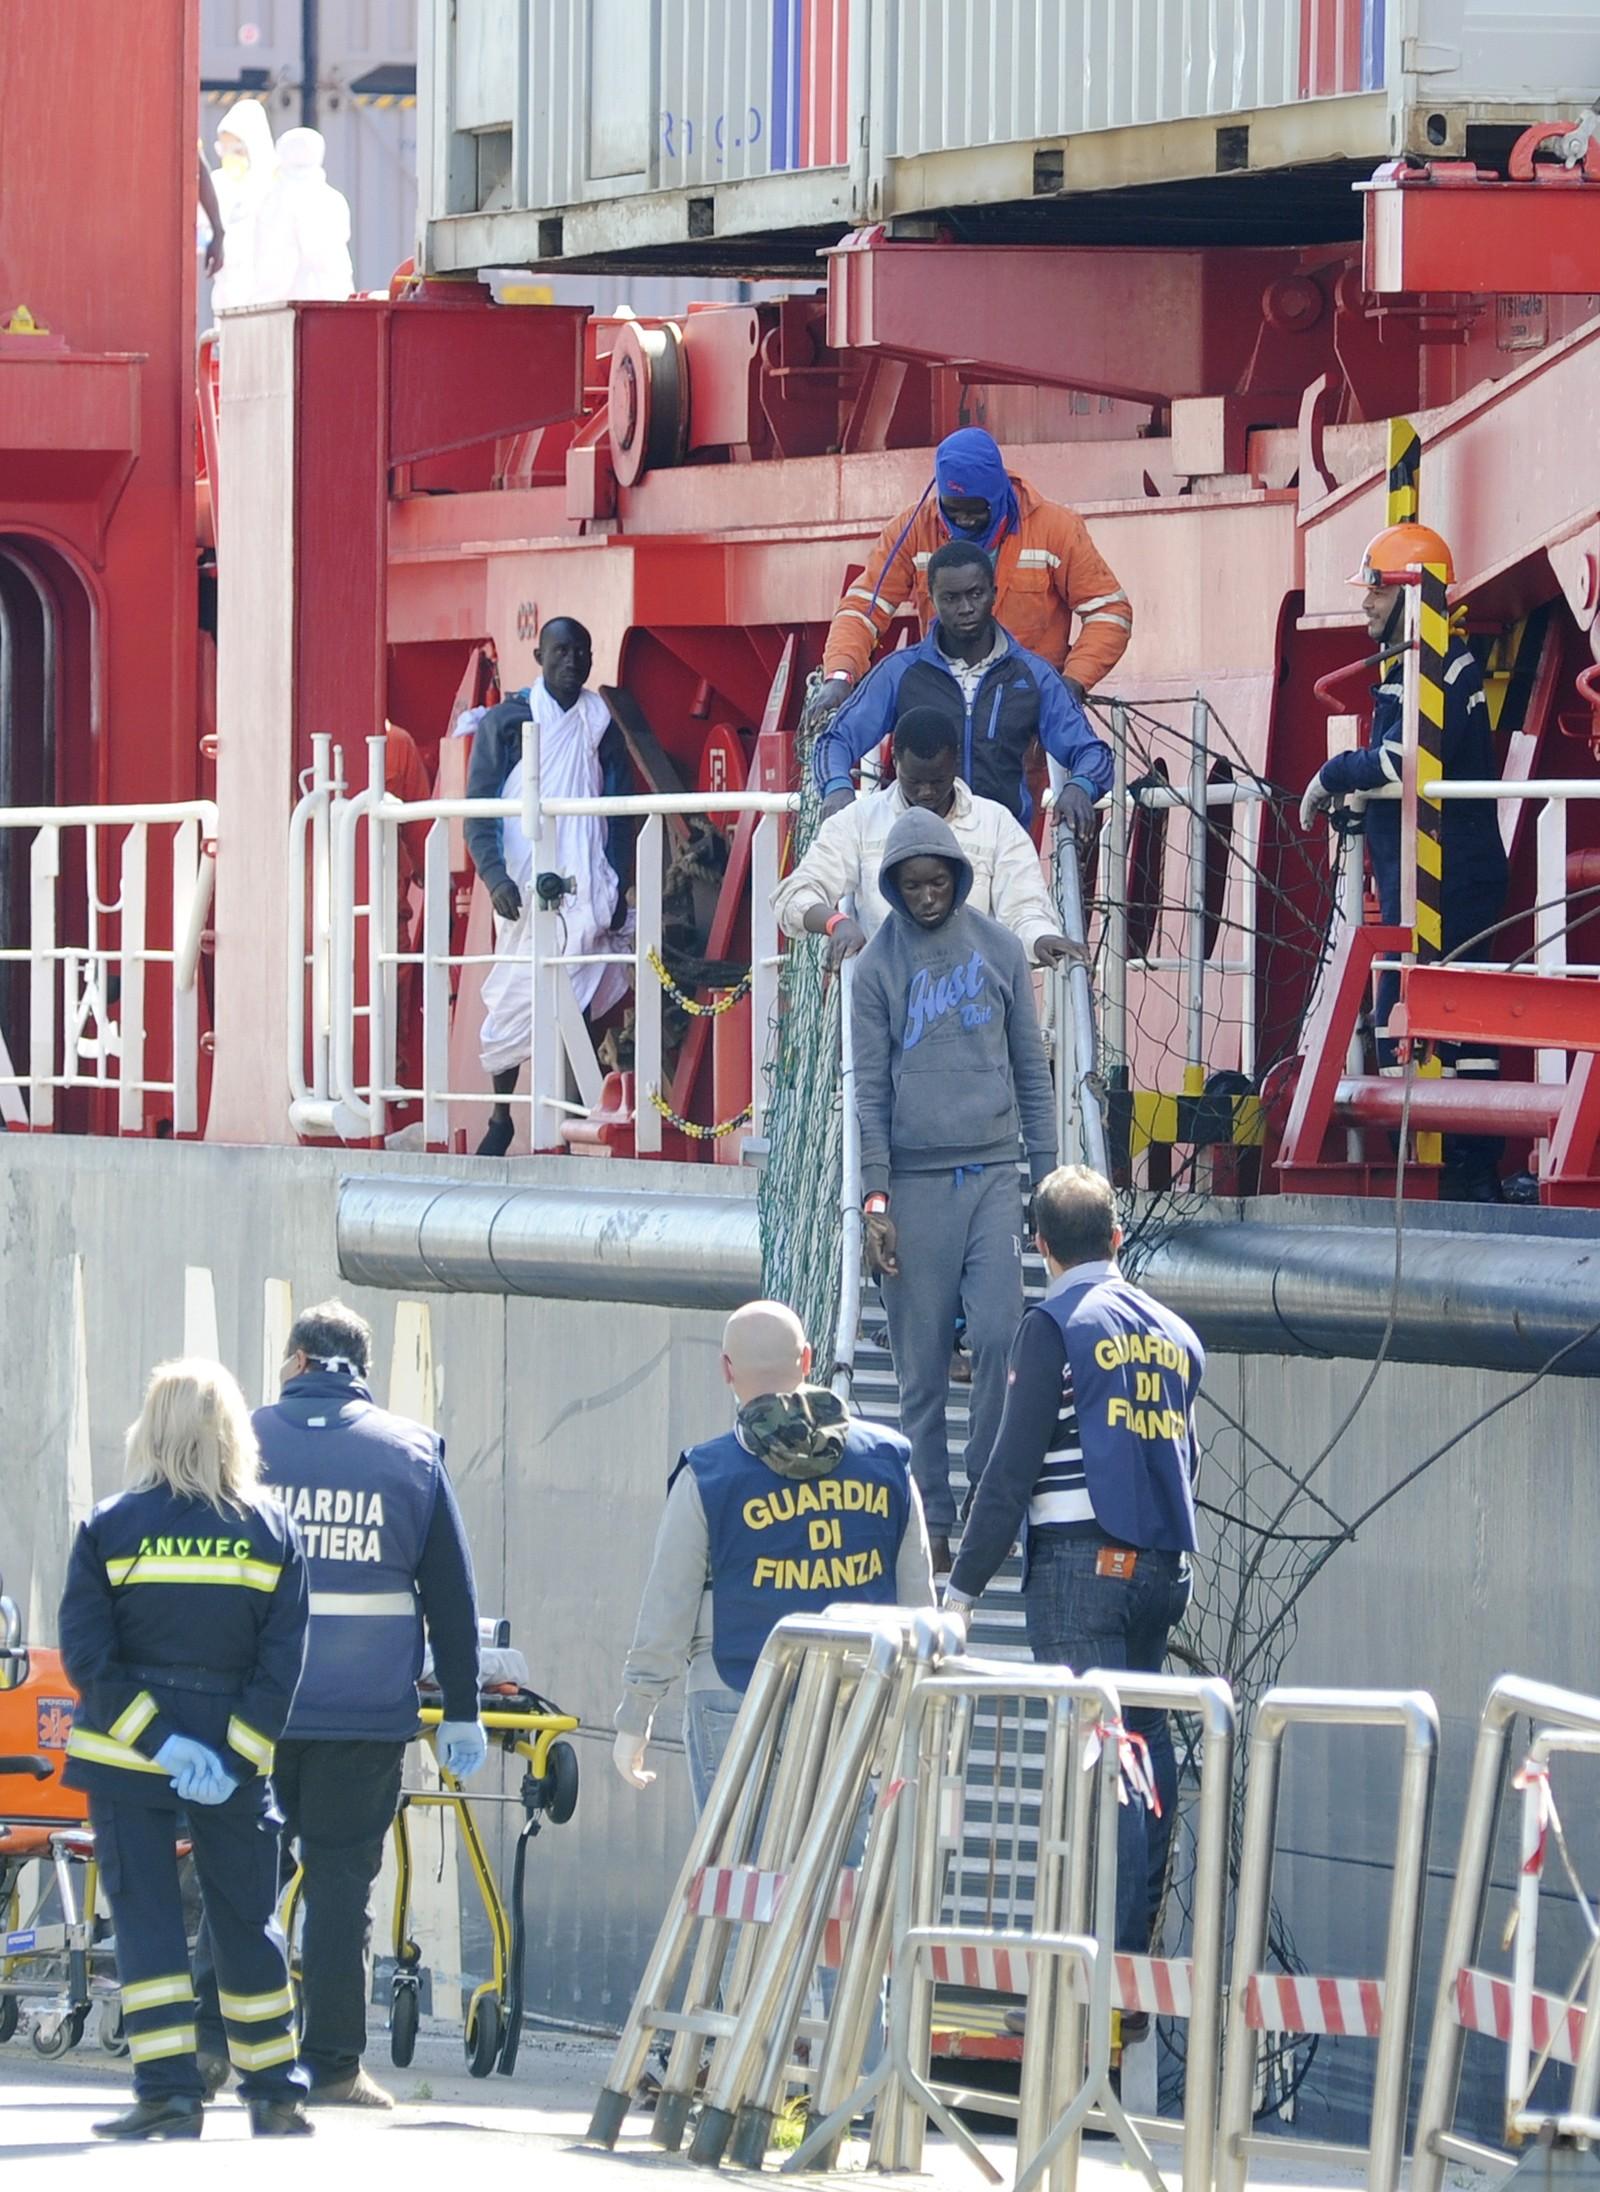 480 båtflyktninger går i land i havna i Palermo, Italia, 15. april. Disse er noen av de 1500 som kom denne dagen.